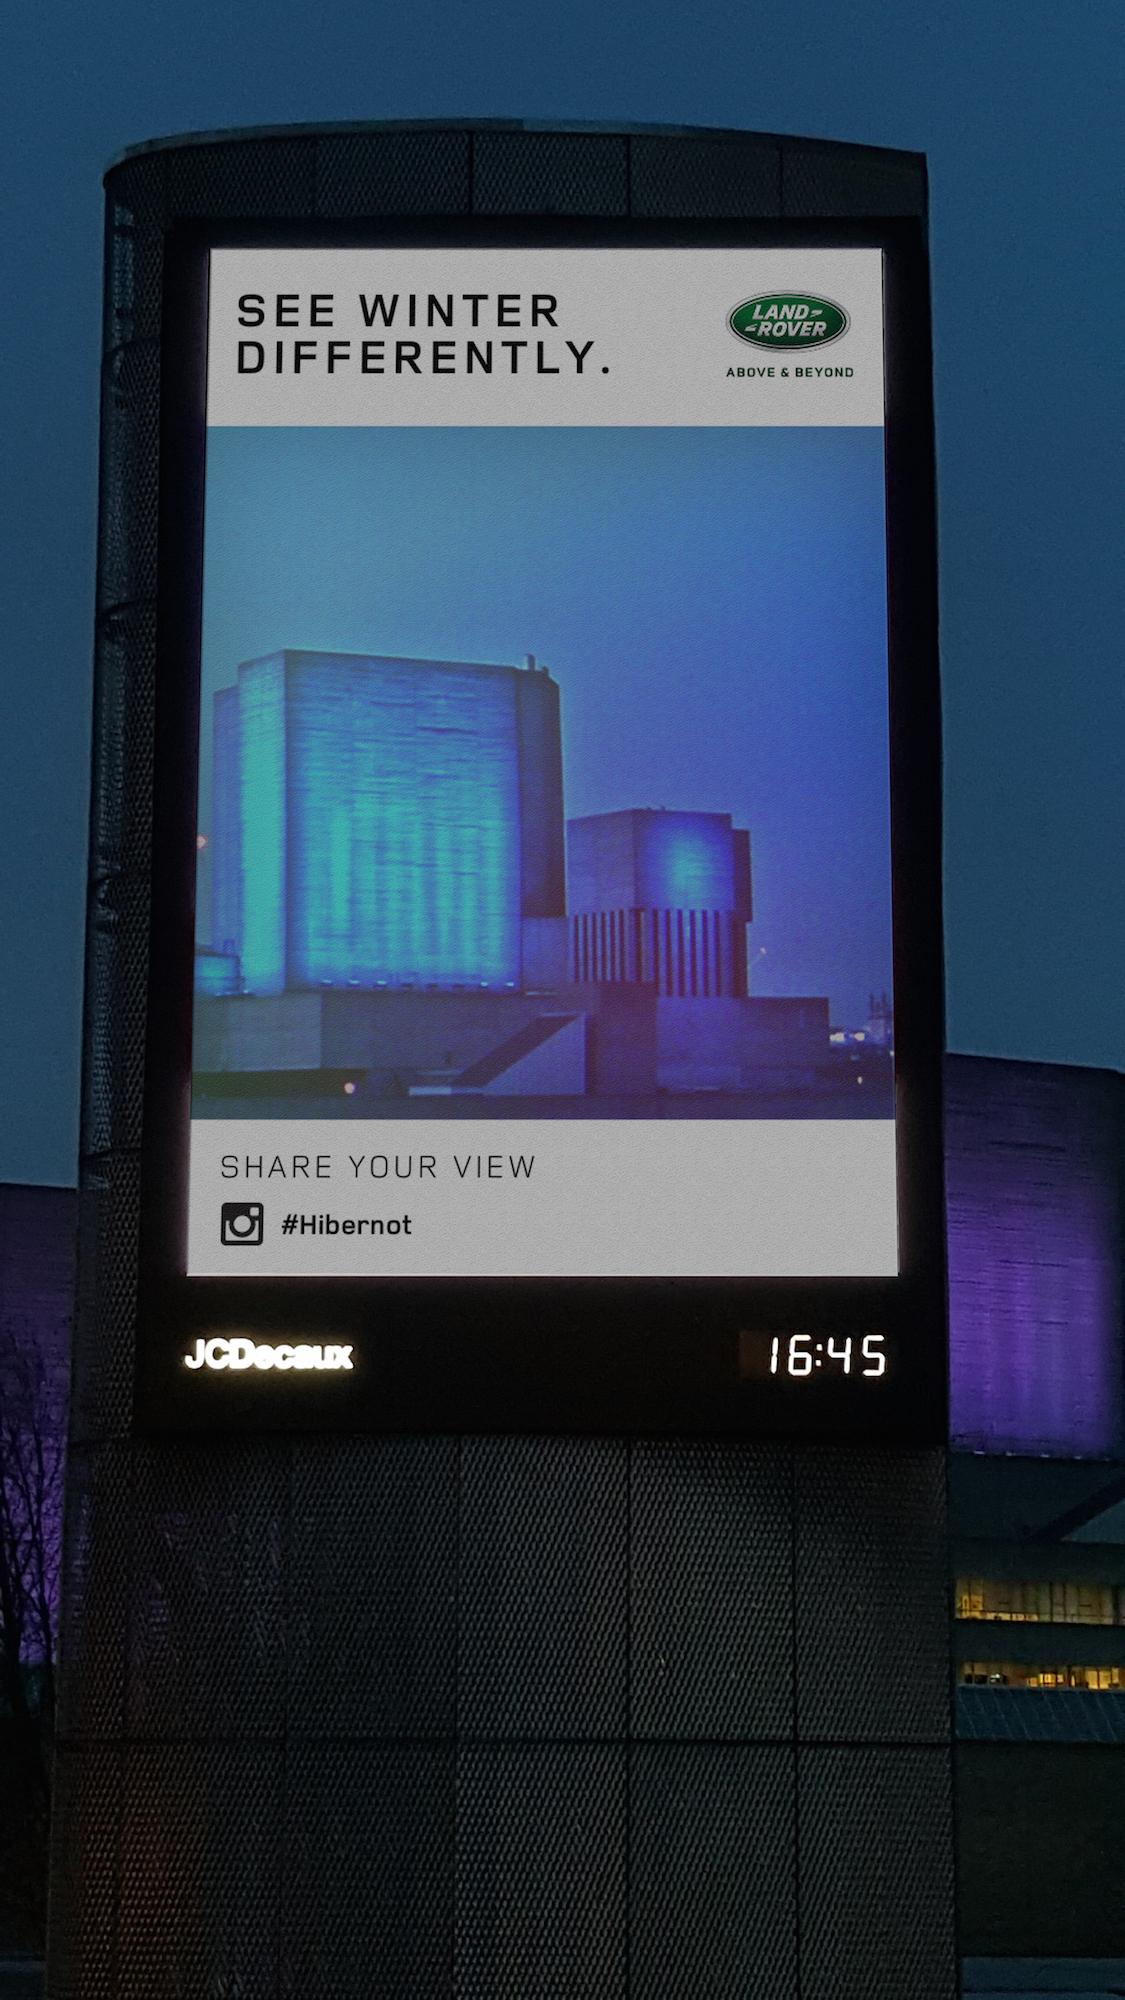 land rover ooh instagram filter billboards